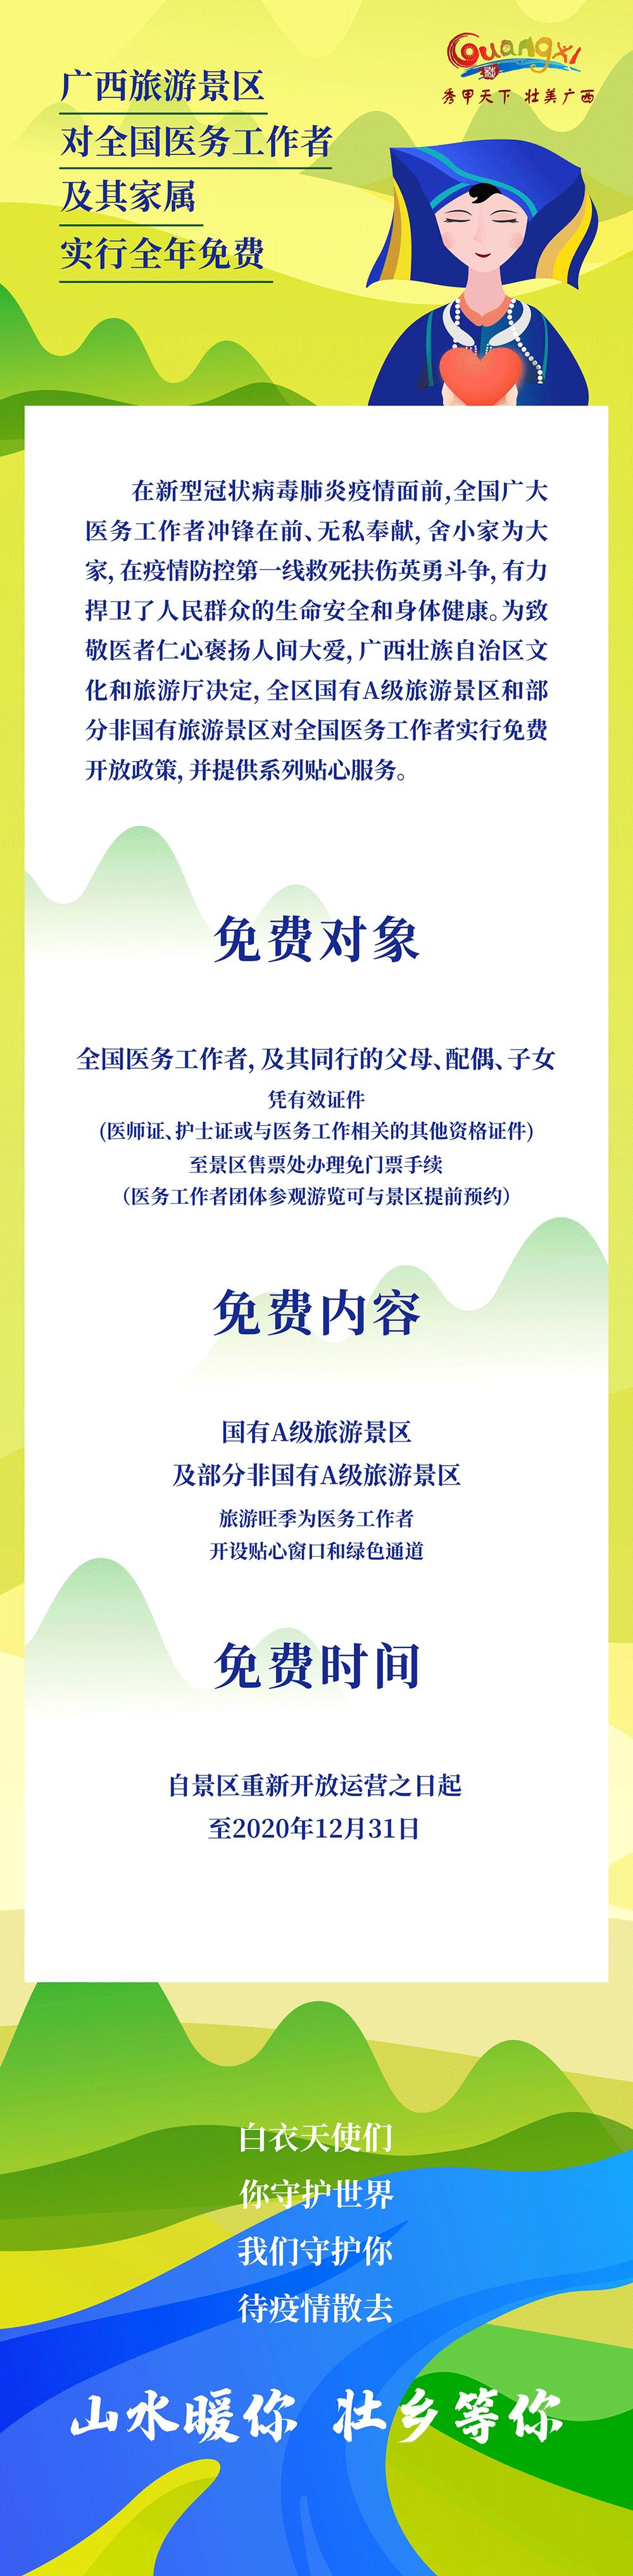 图片来自广西文旅厅官网